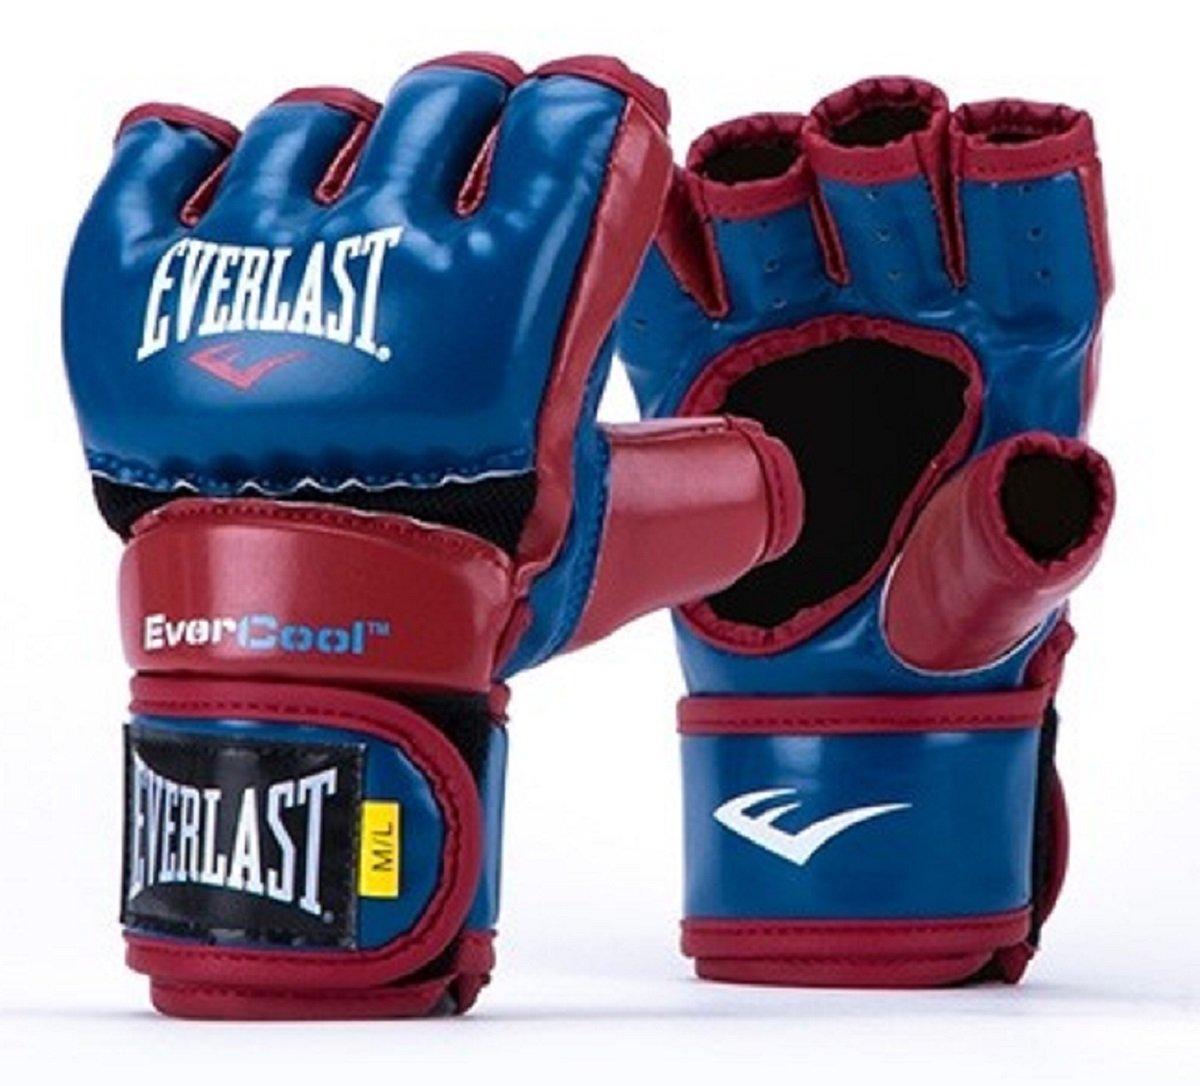 Everlast Everstrike Training Gloves by Everlast